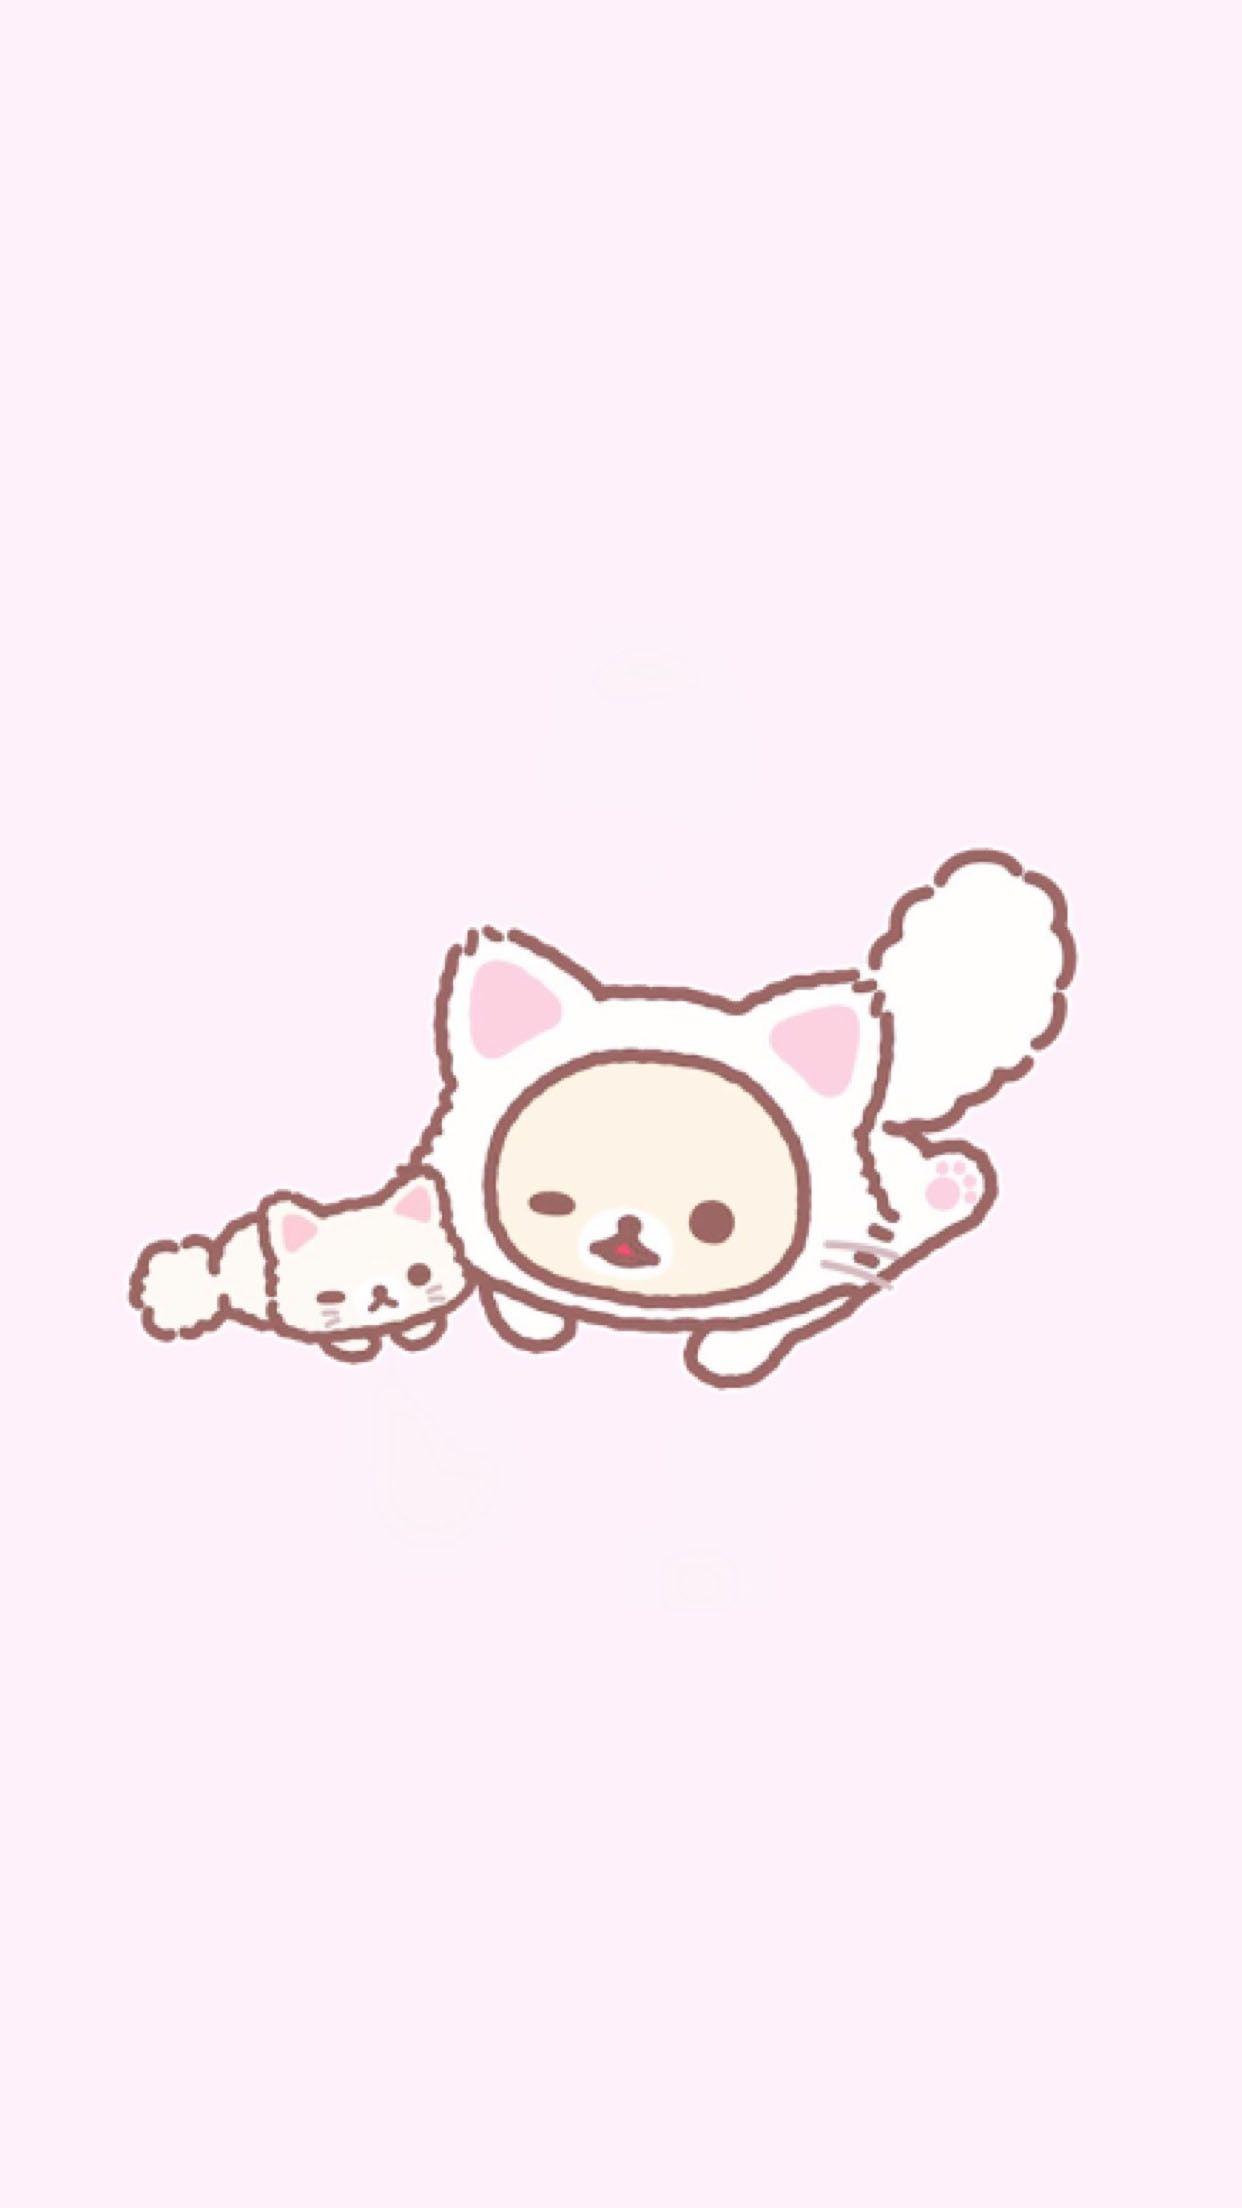 Korilakkuma Rilakkuma Wallpaper Wallpaper Iphone Cute Kawaii Wallpaper